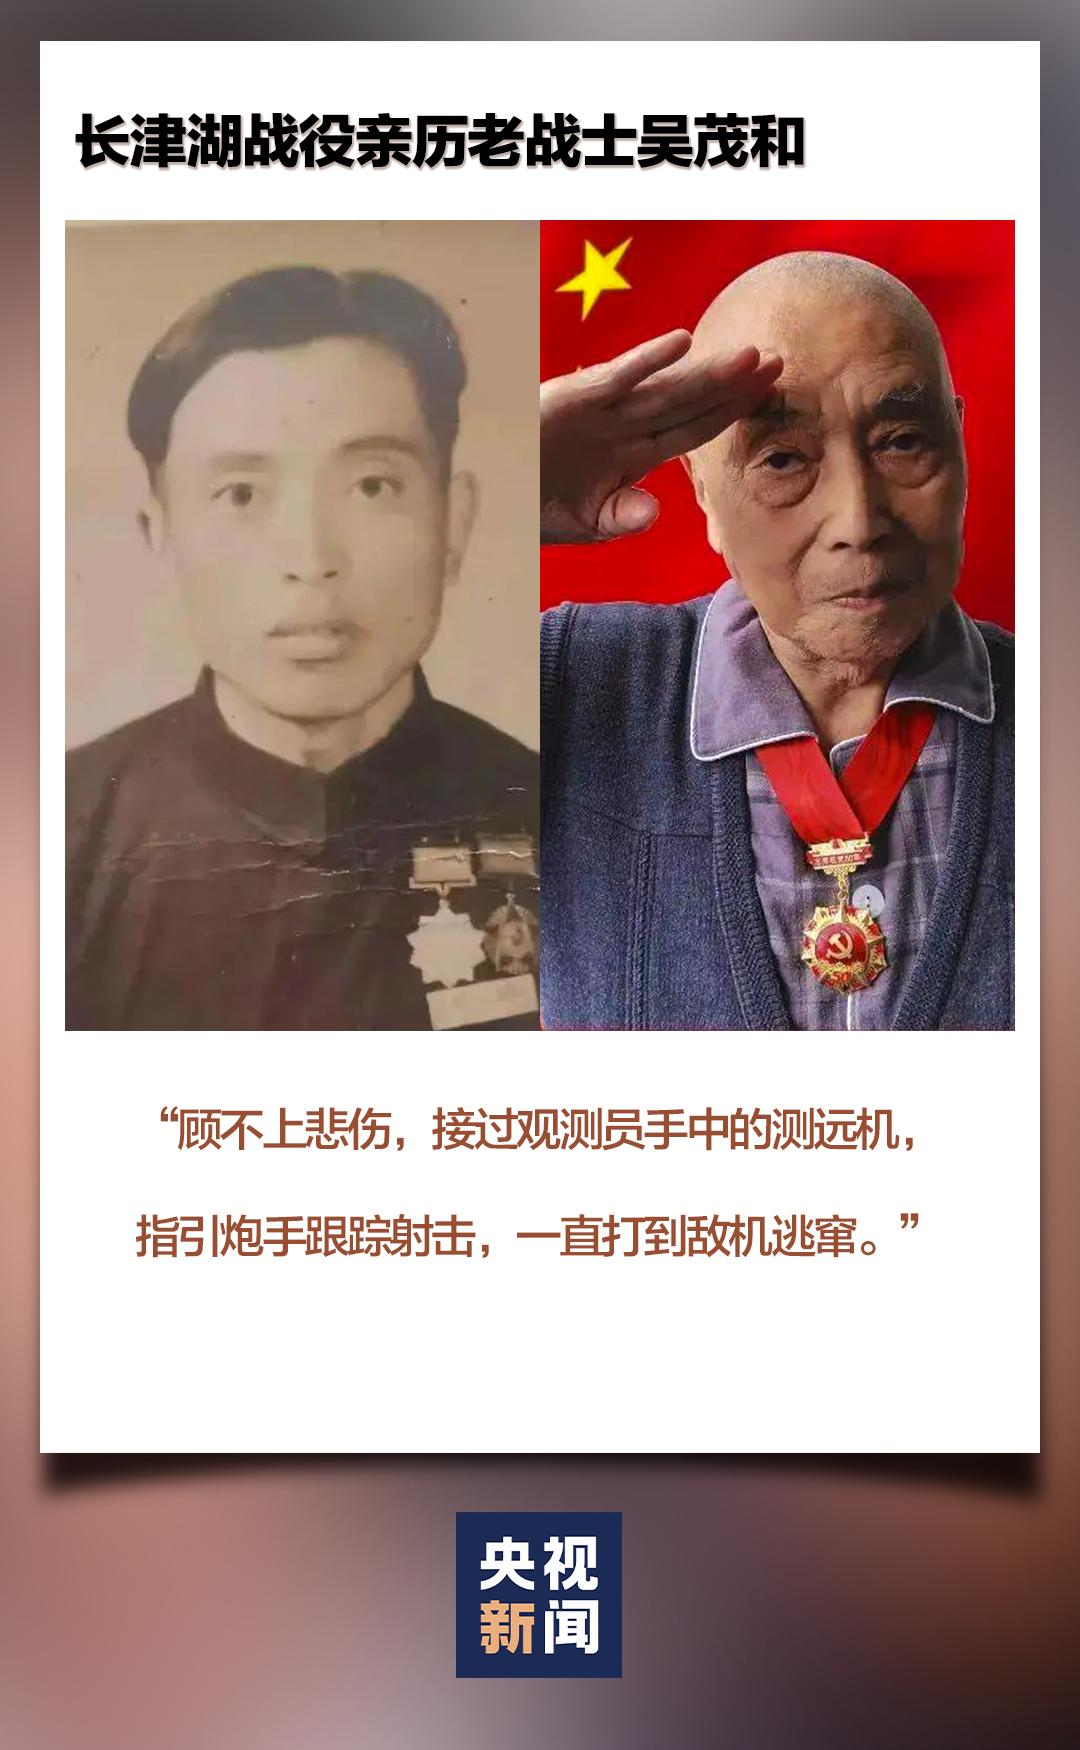 致敬!长津湖战役亲历老战士71年对比照